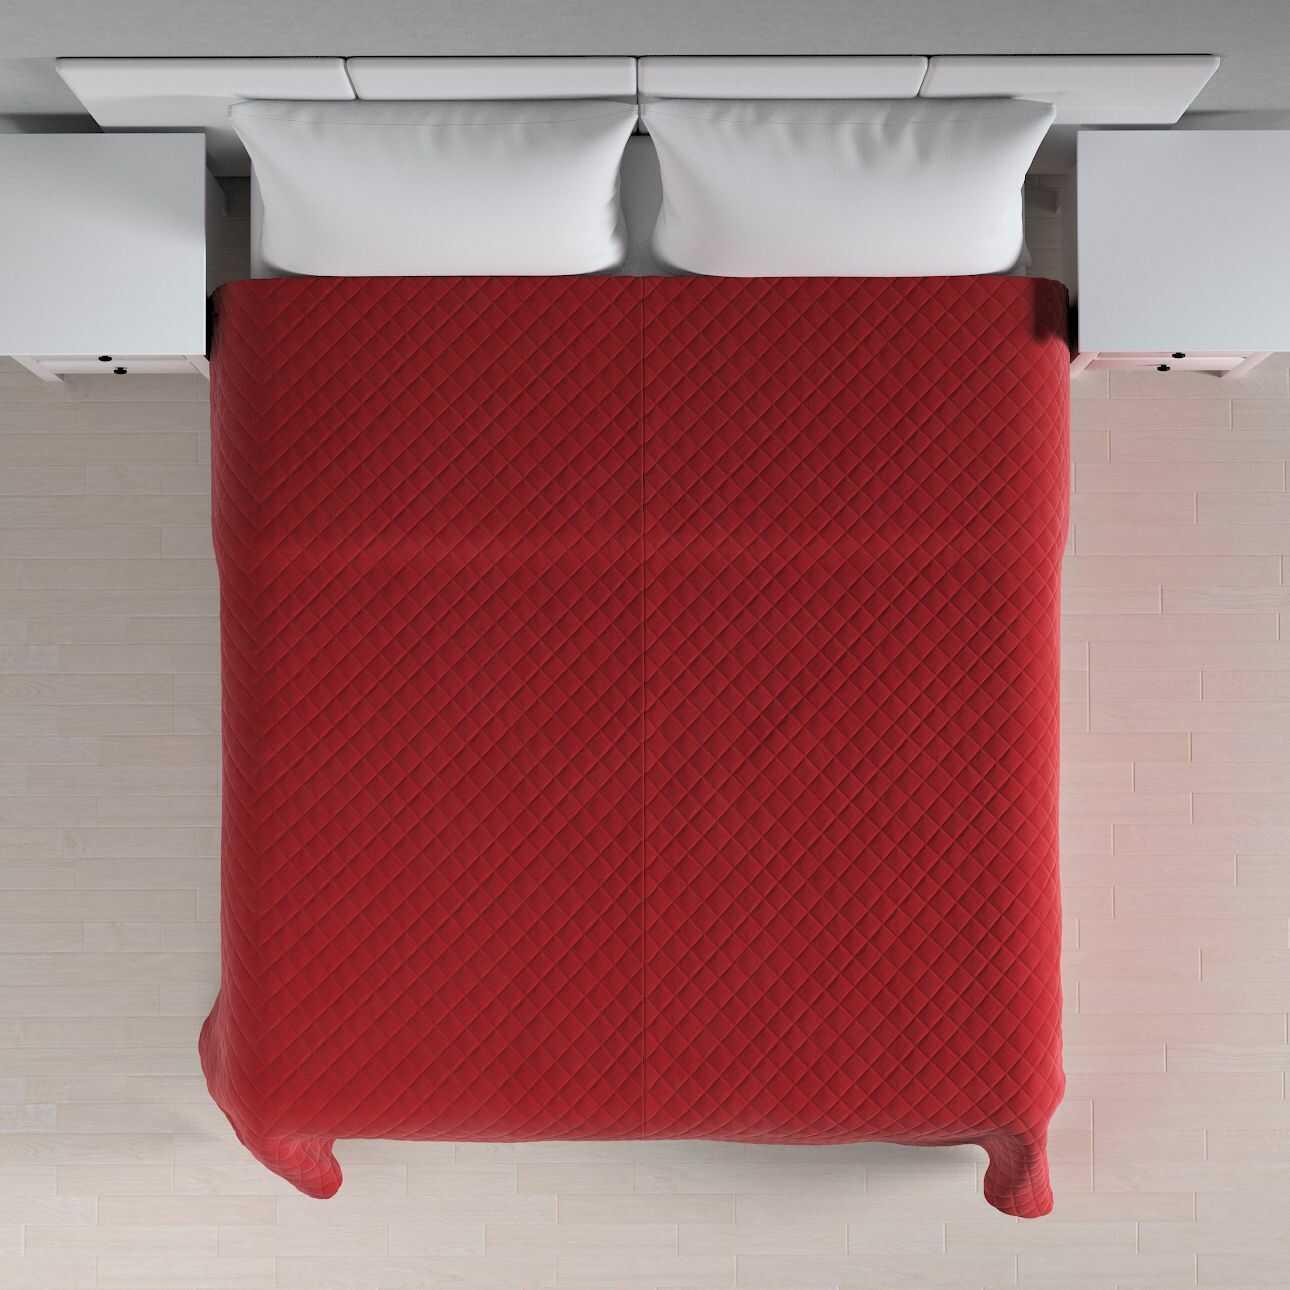 Narzuta pikowana w romby, intensywna czerwień, szer.260  dł.210 cm, Velvet